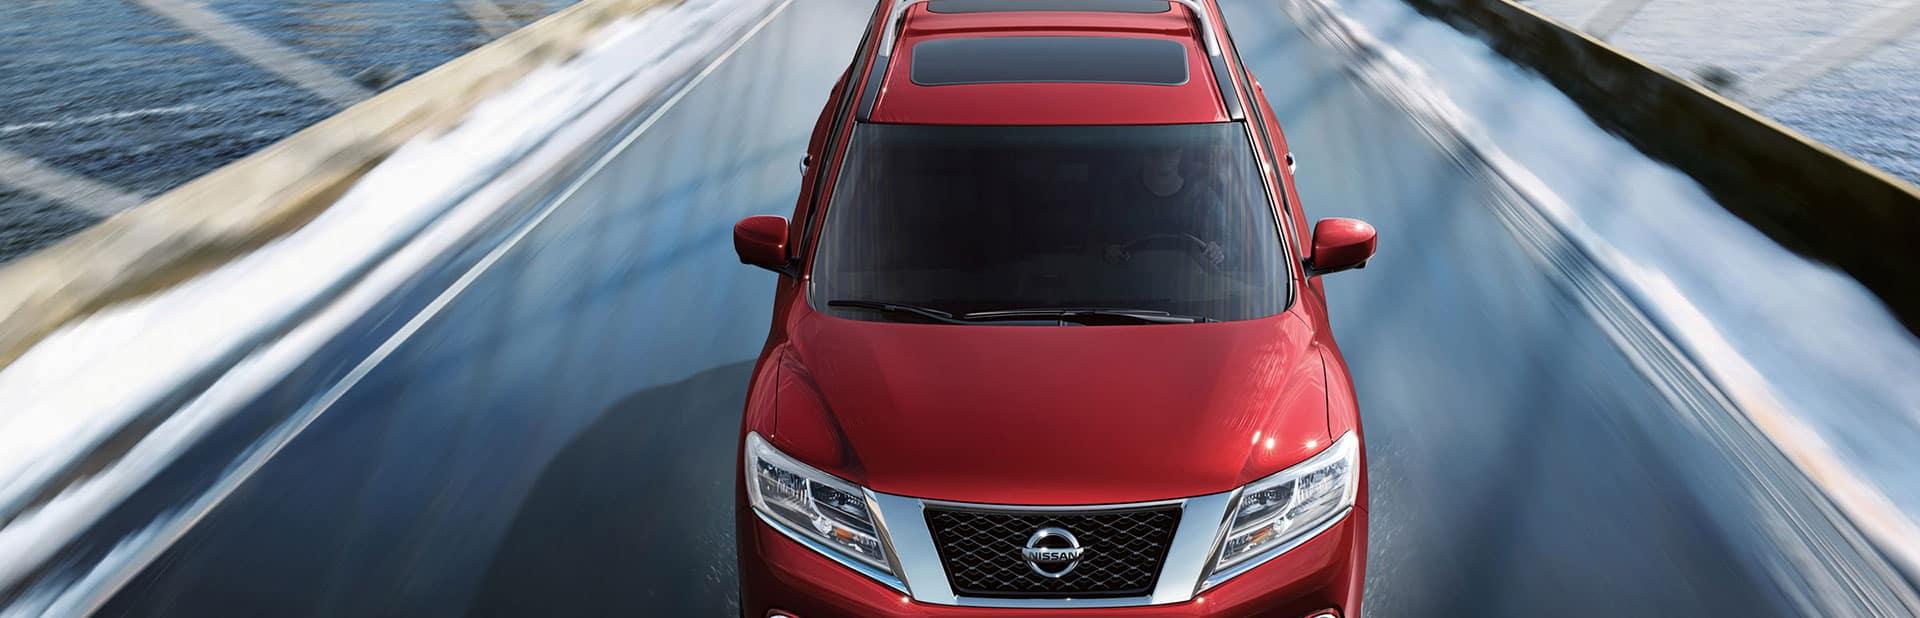 Nissan Fluid Exchange Service